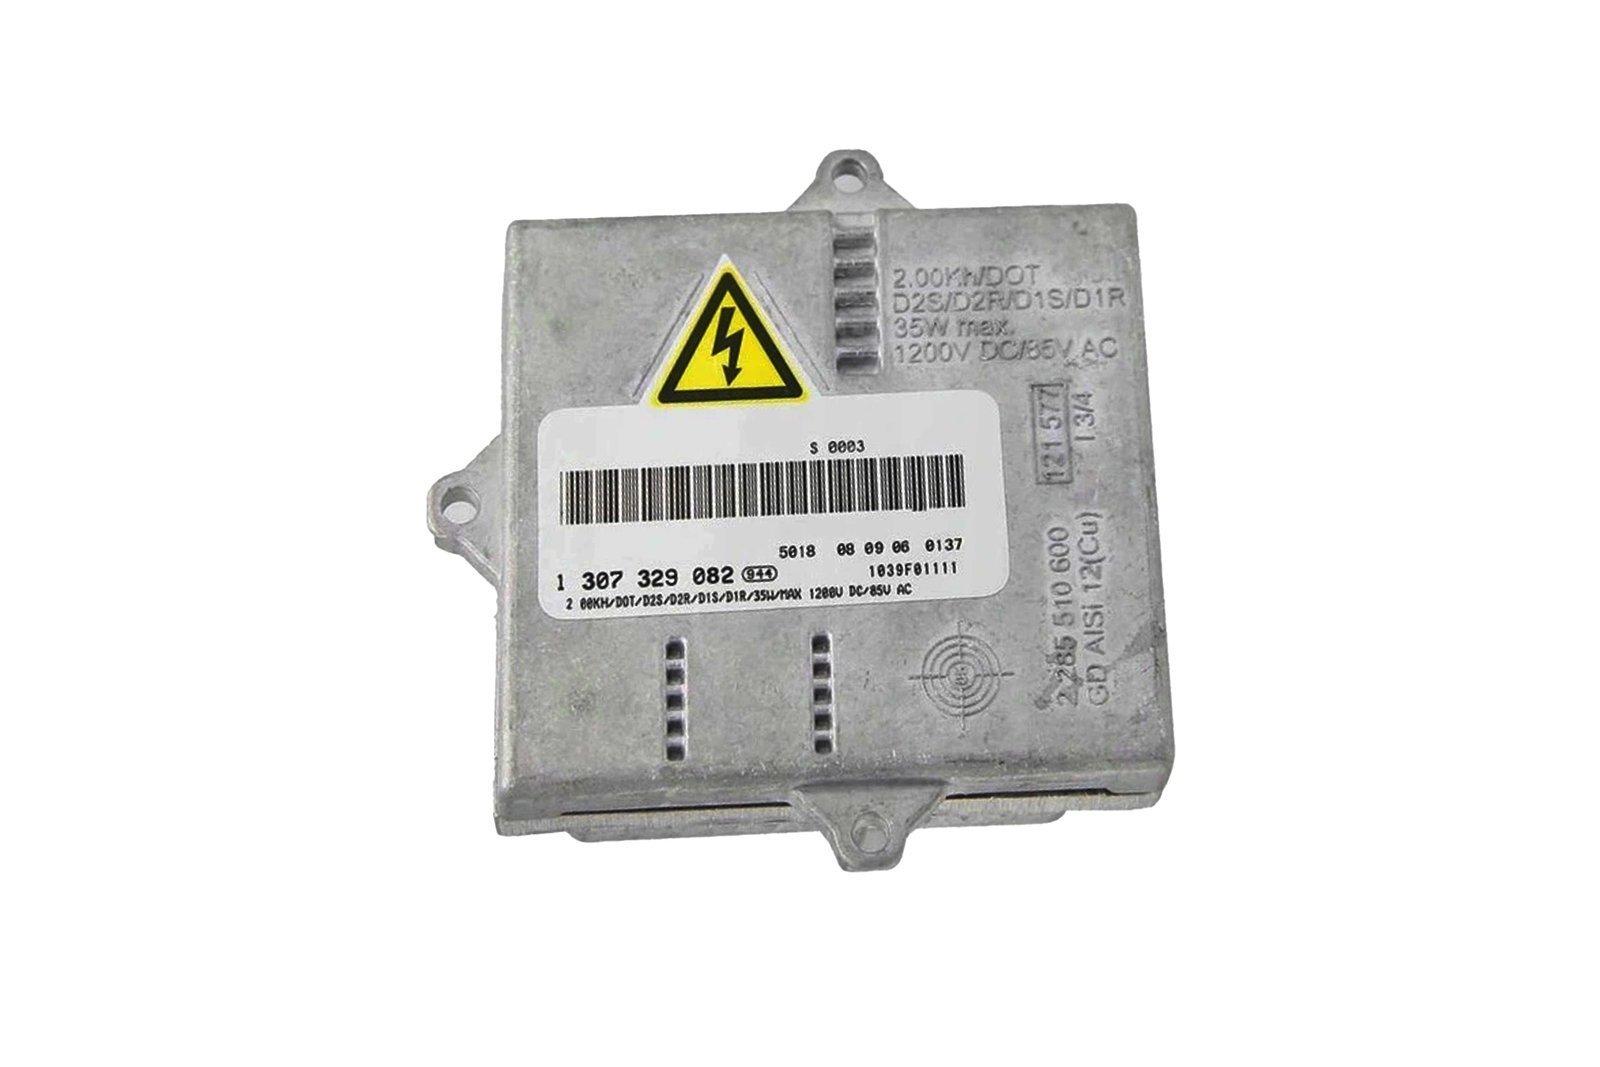 Xenon Headlight Ballast Control Unit BMW E83 E63 E46 X3 1307329082